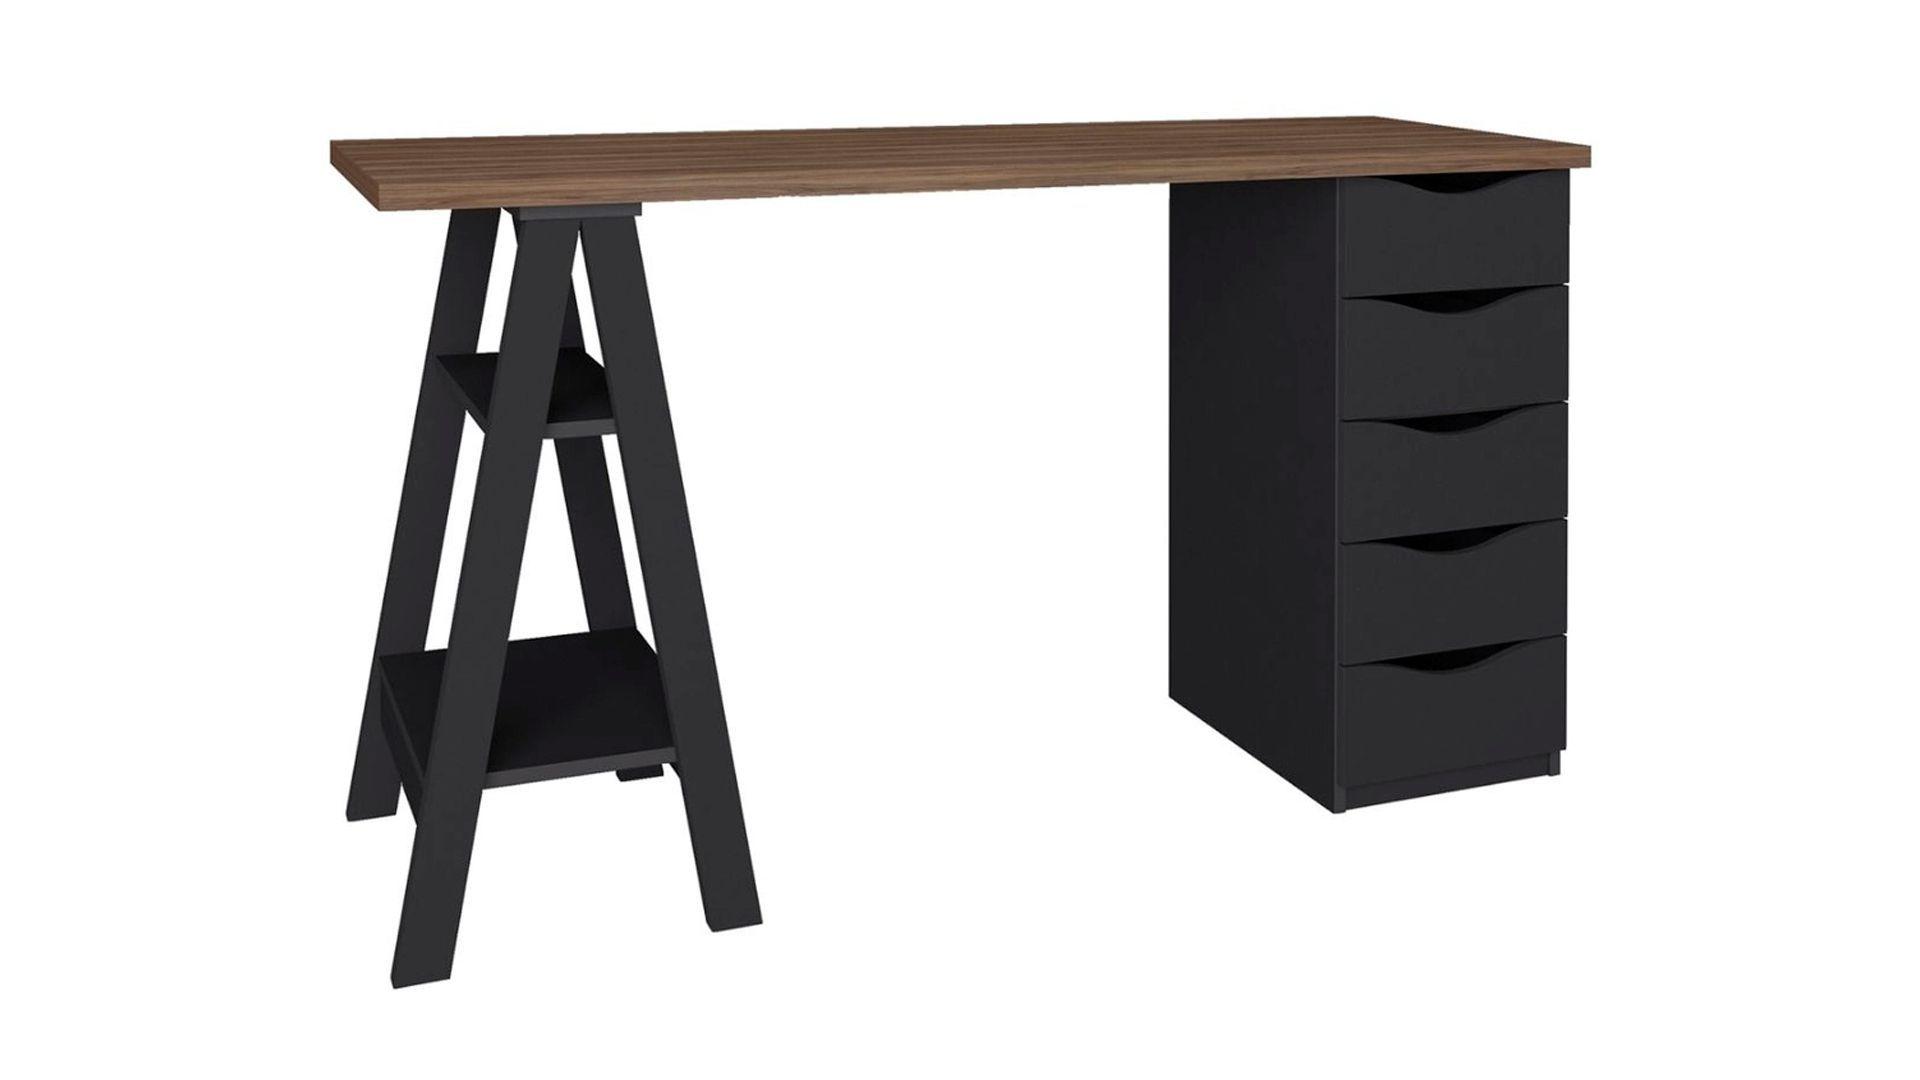 Mesa para computador Escrivaninha Spirit Ii 5 Gavetas NogalPreto em fundo branco